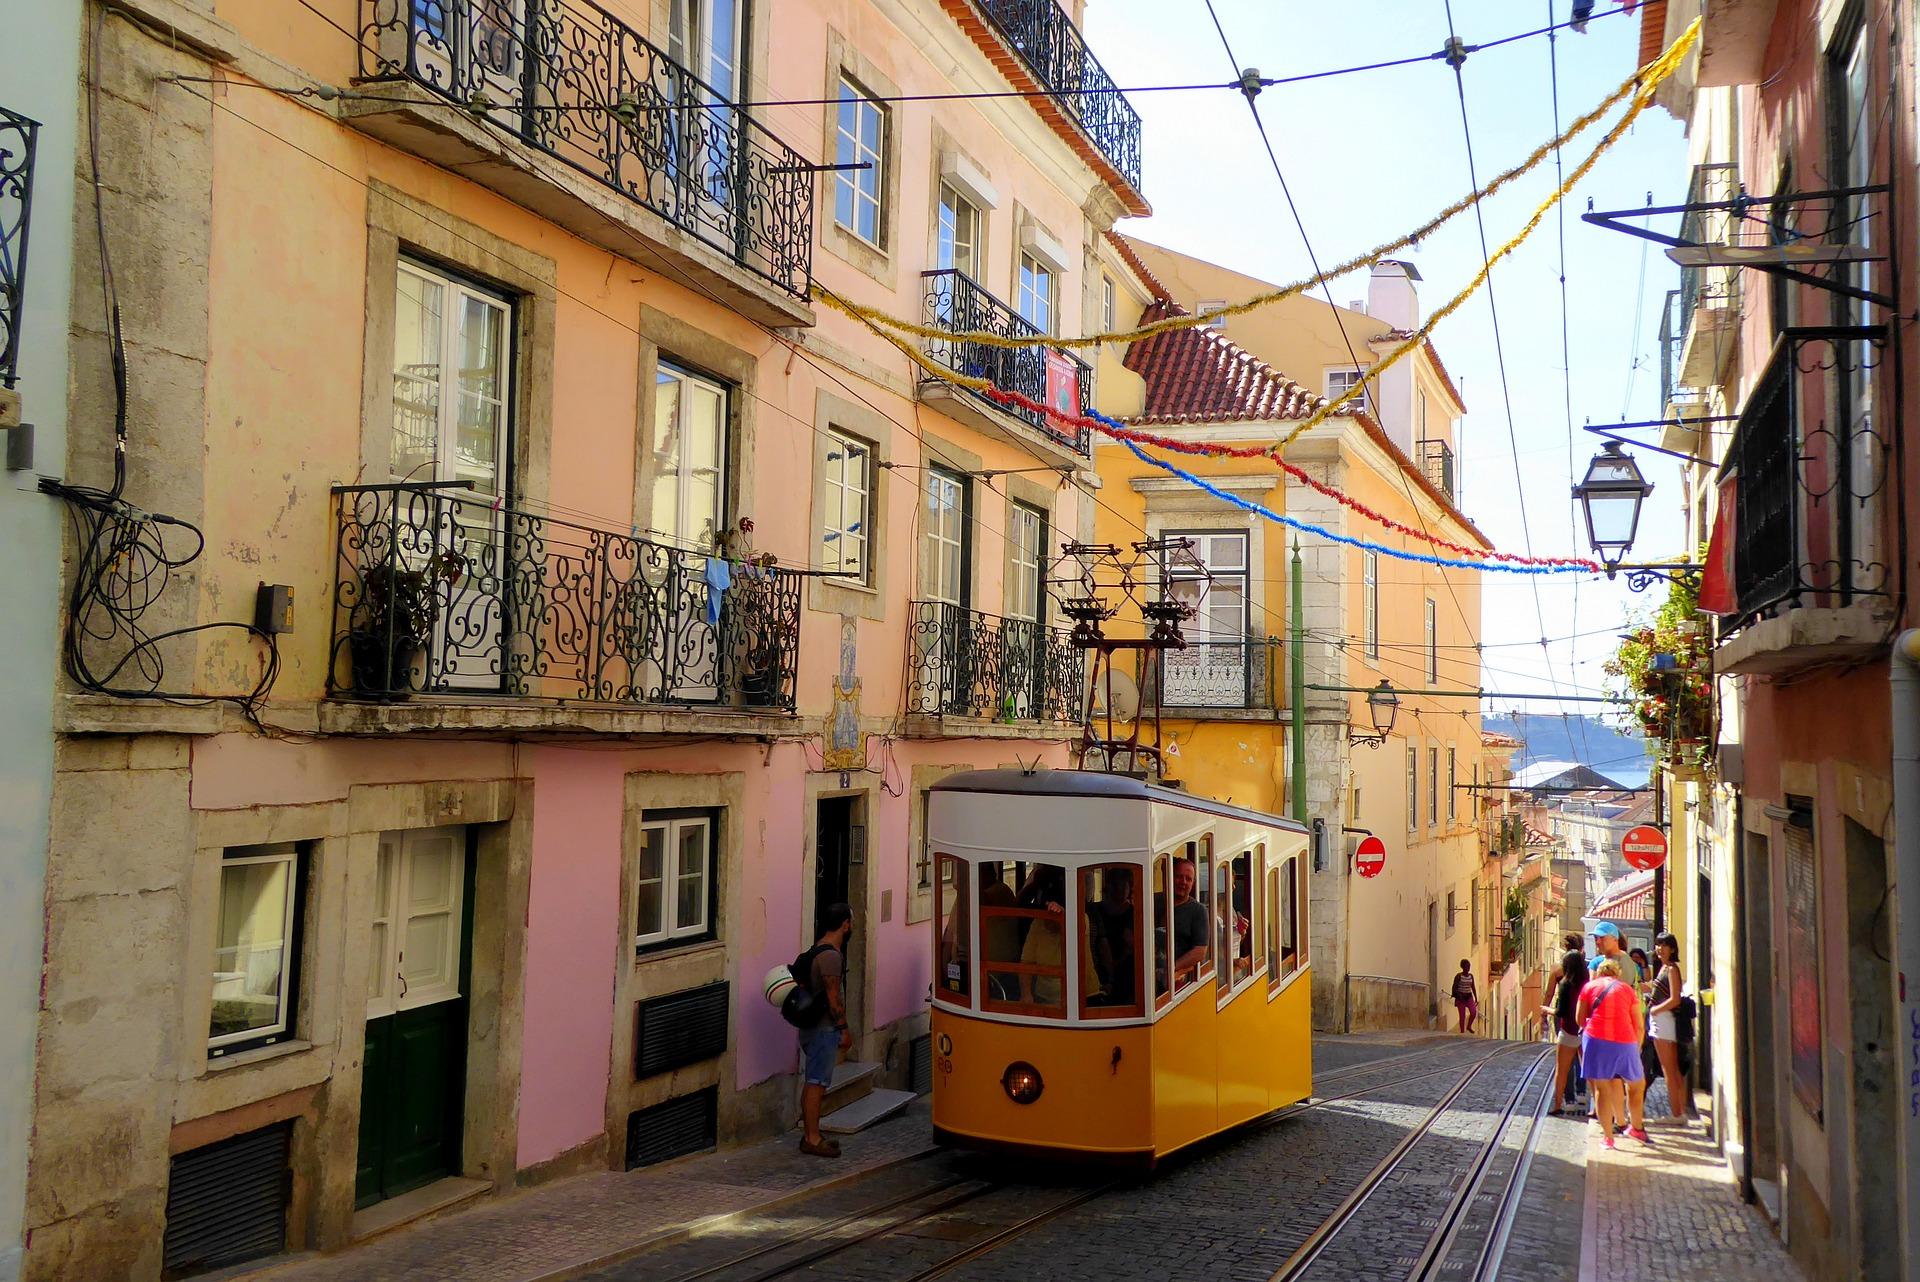 Portogallo autentico 2020  (Partenza da Lisbona)